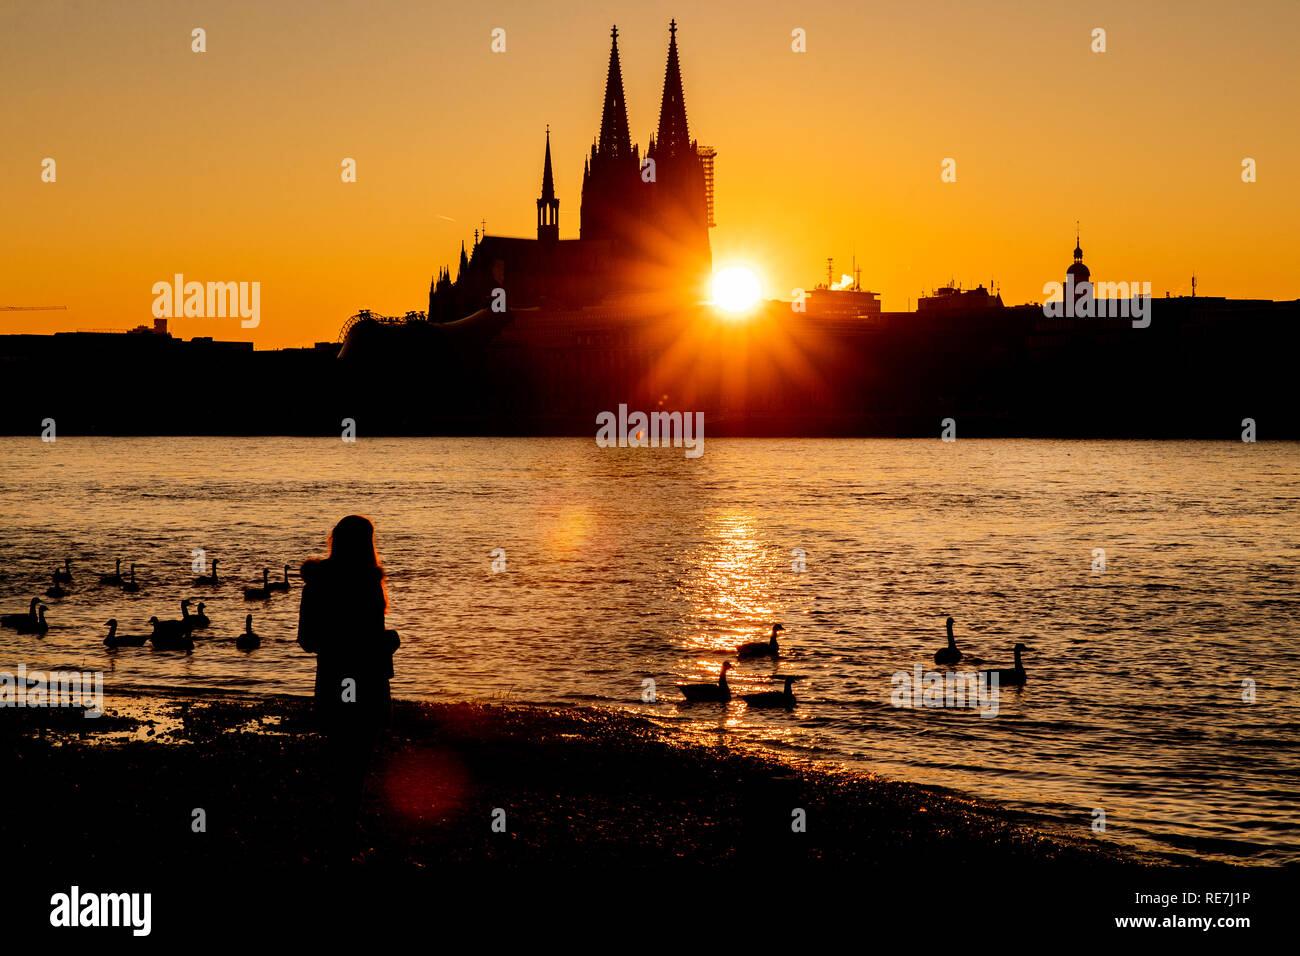 Eine Frau steht bei Sonnenuntergang am Ufer des Rheins. Im Hintergrund zeichnet sich der Kölner Dom ab. - Stock Image